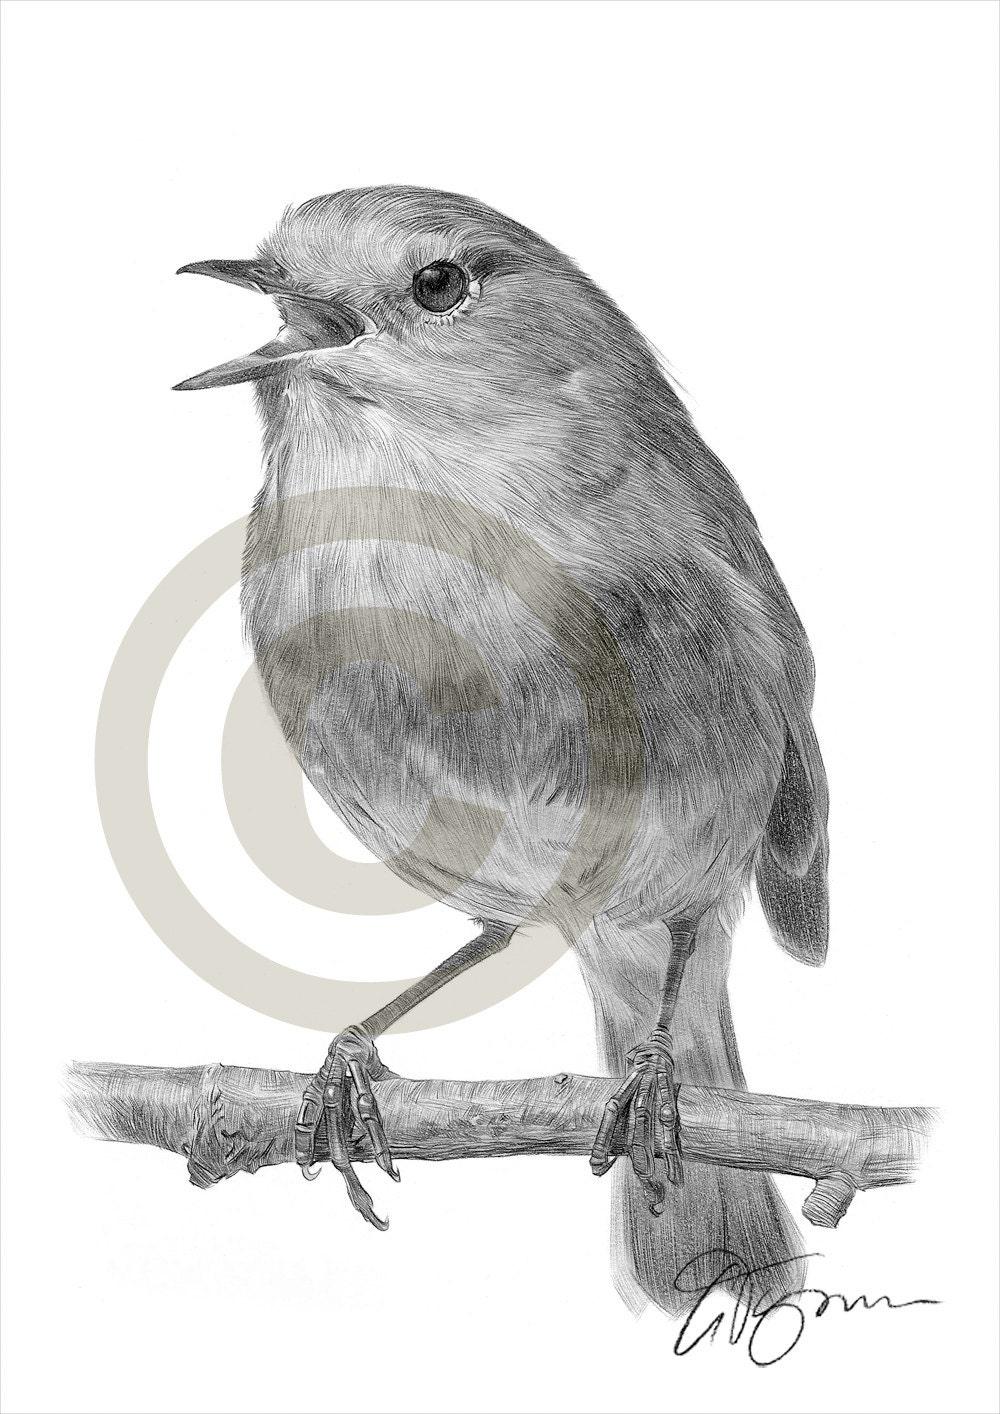 Matita di robin pettirosso uccello disegno opera di formato - Semplici disegni di uccelli ...